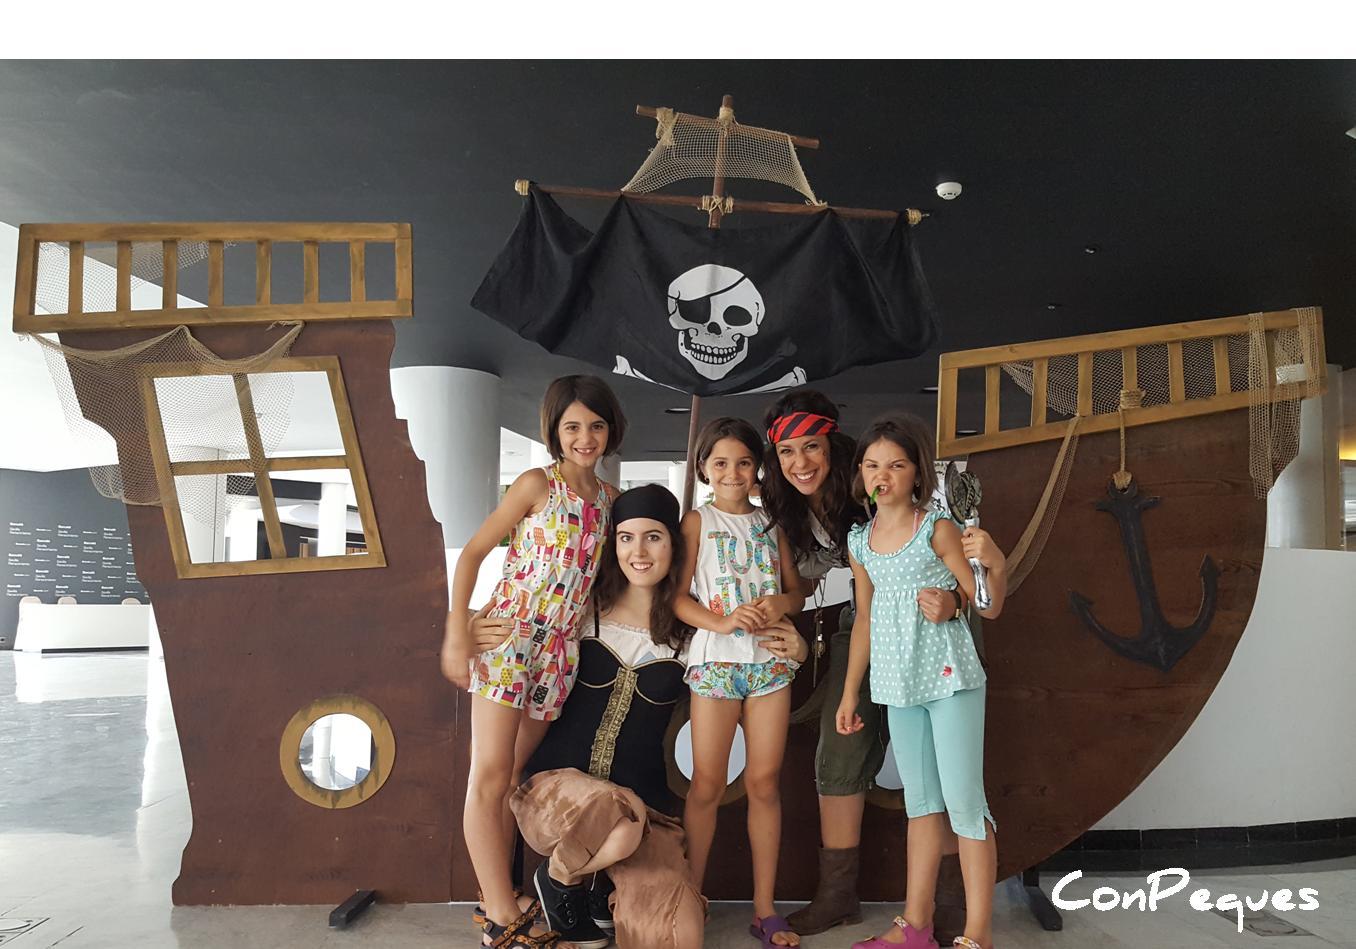 As U00ed Se Vive Un Verano Pirata Con Peques En El Barcel U00f3